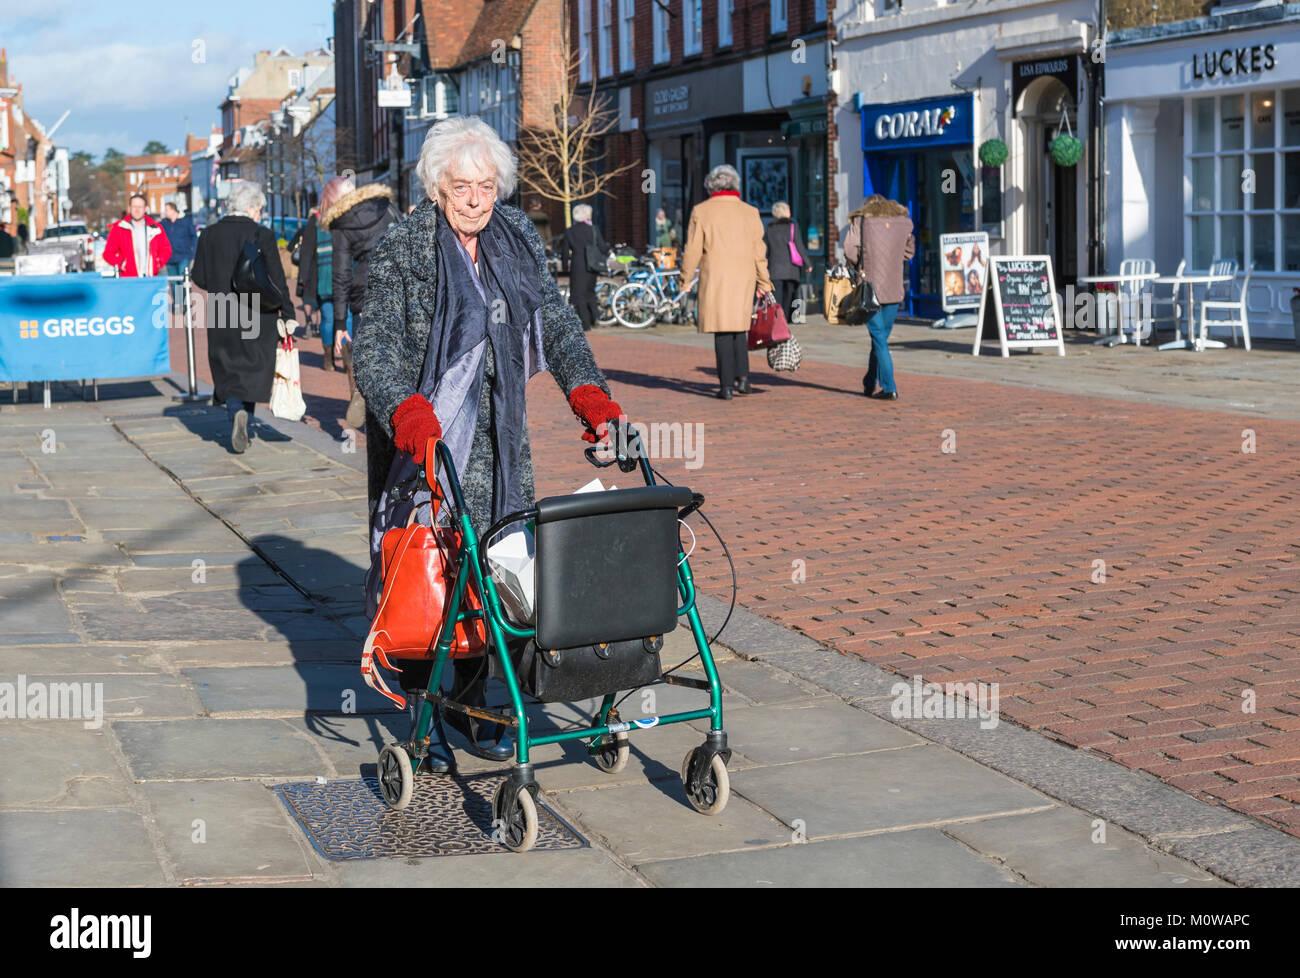 Donna anziana con rollator su ruote (gommato zimmer frame aiuti a piedi) in un pedestrianise area dello shopping Immagini Stock